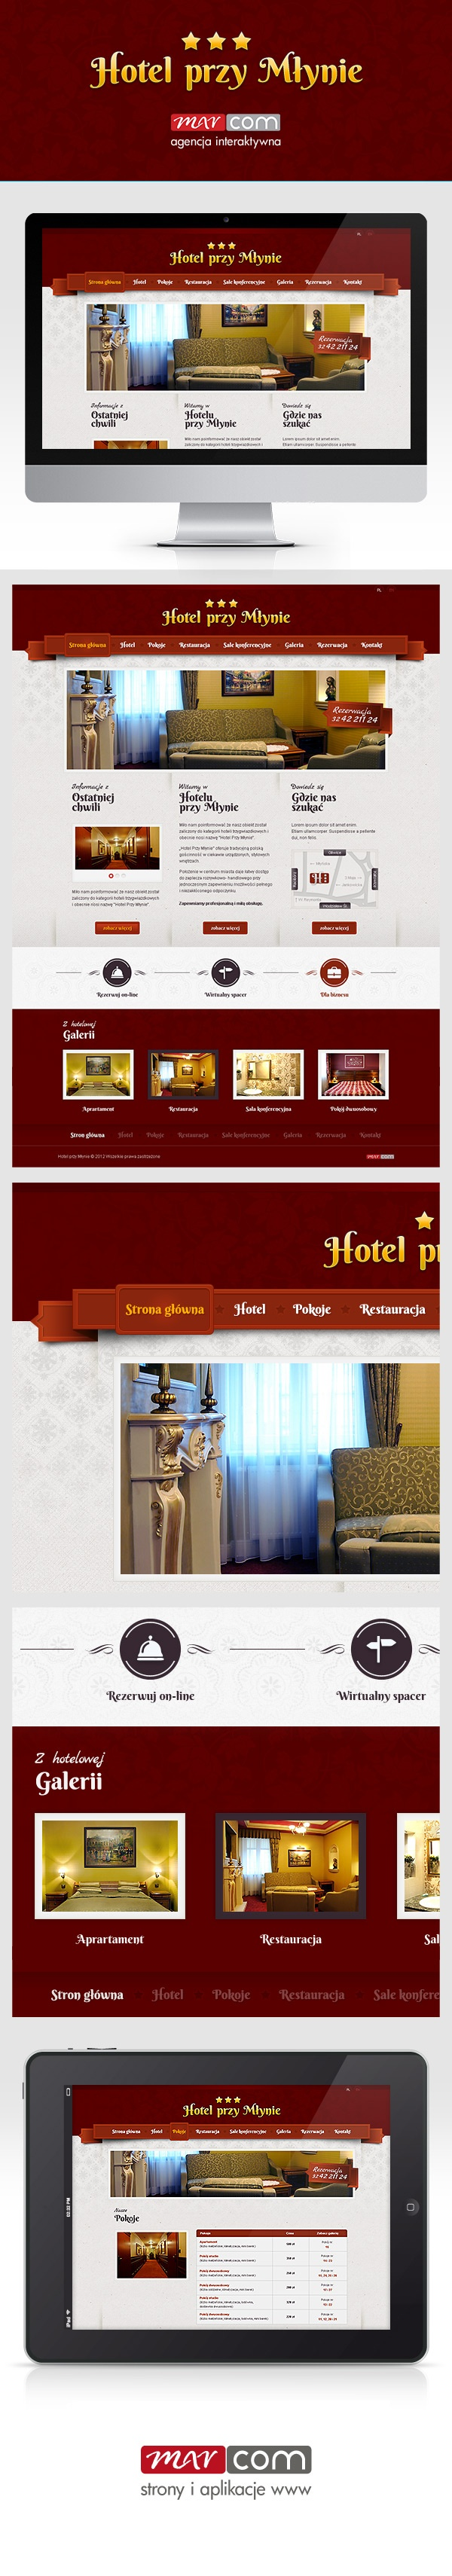 Strona internetowa Hotelu Przy Młynie w miejscowości Rybnik - projekt to wielojęzyczność, rozbudowane galerie, CMS.   Więcej:  http://e-marcom.pl/aktualnosci,56,hotel-przy-mlynie-nowy-klient-nowa-strona-www.html   ------  Hotel website webdesign